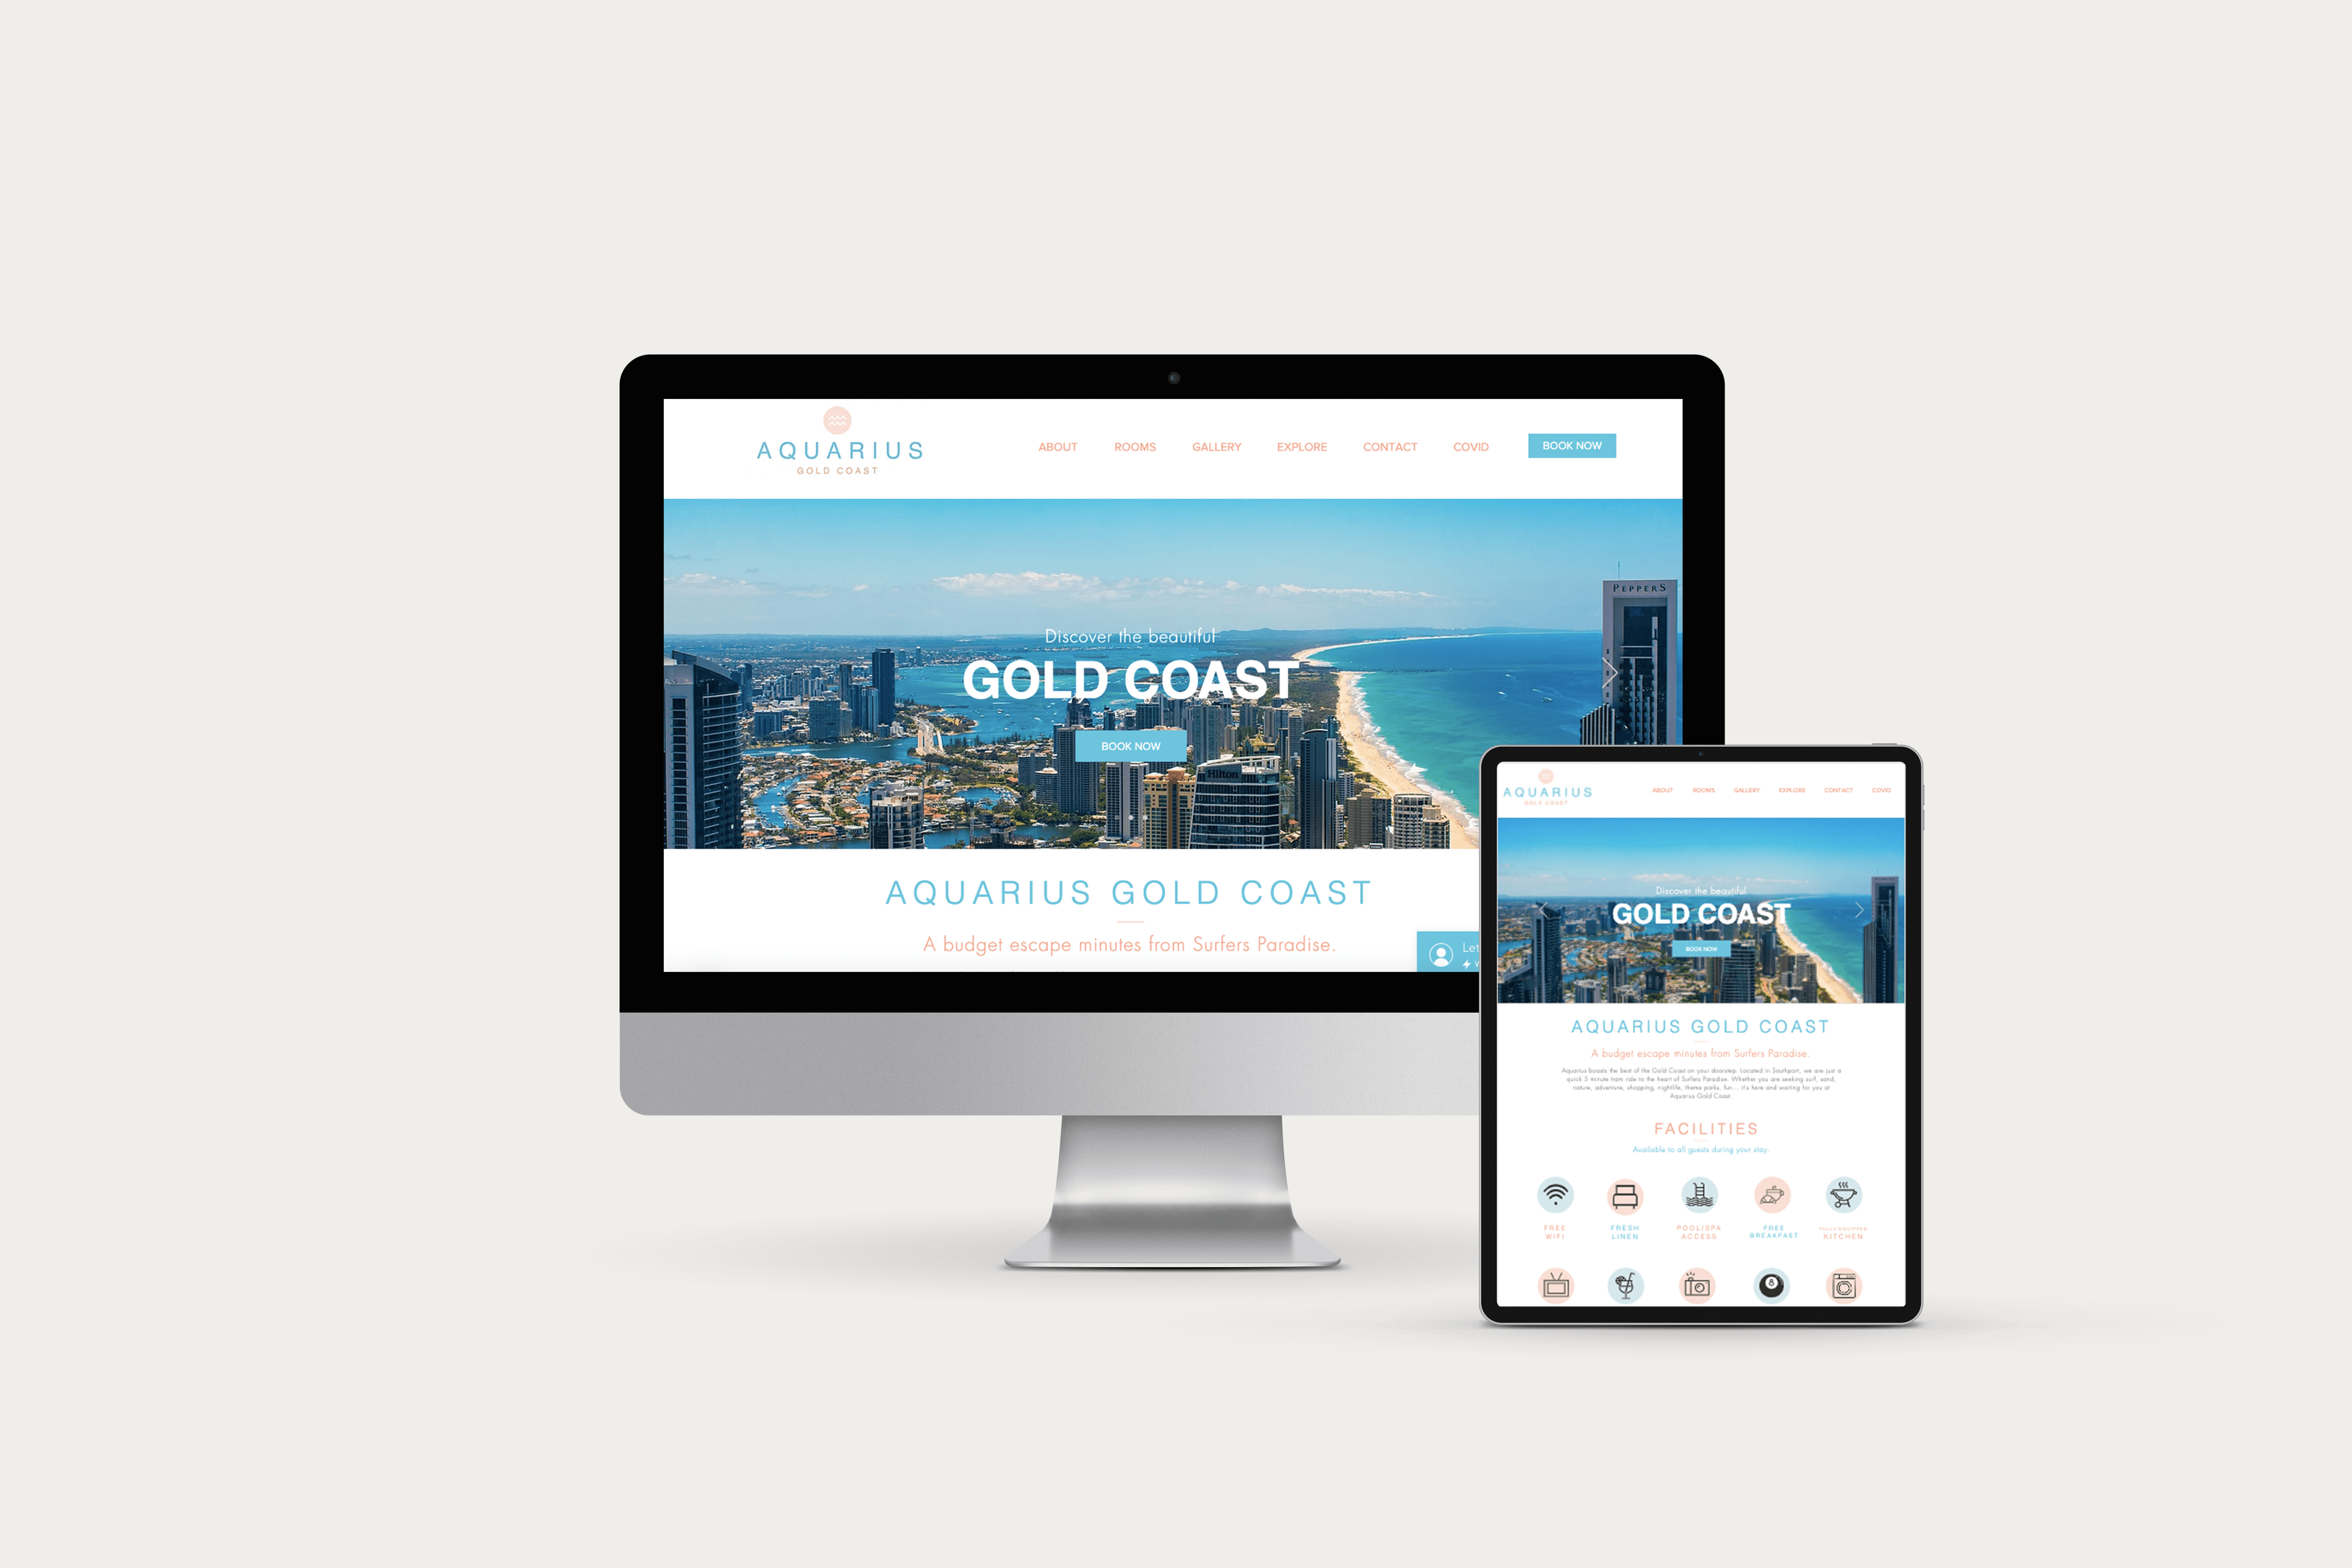 aquarius gold coast website